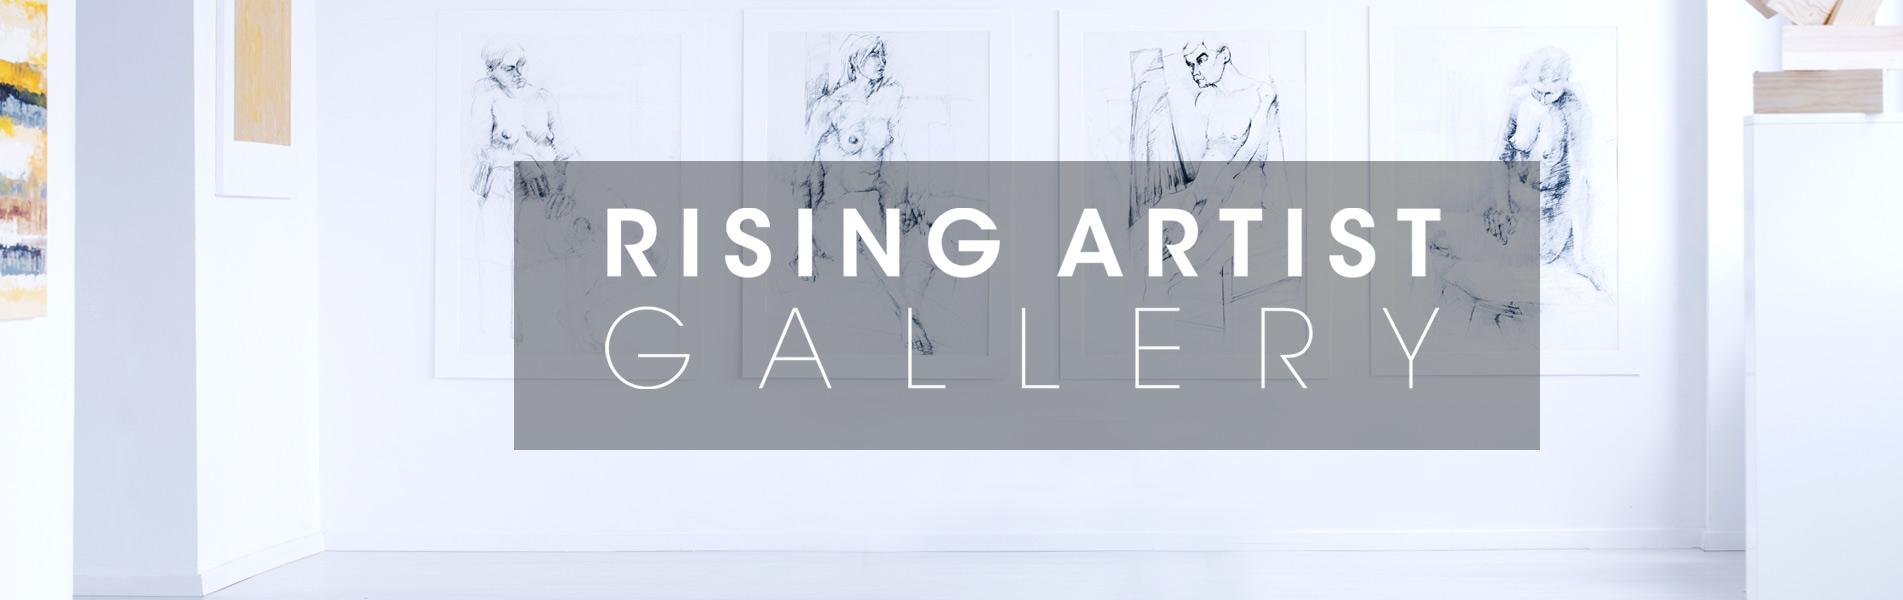 Rising Artist Gallery